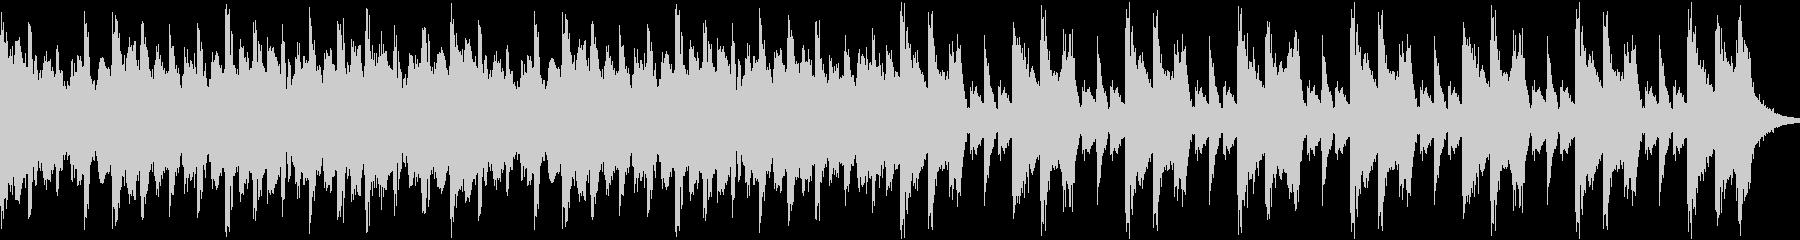 軽やかなシンセが印象的なスローテンポ曲の未再生の波形